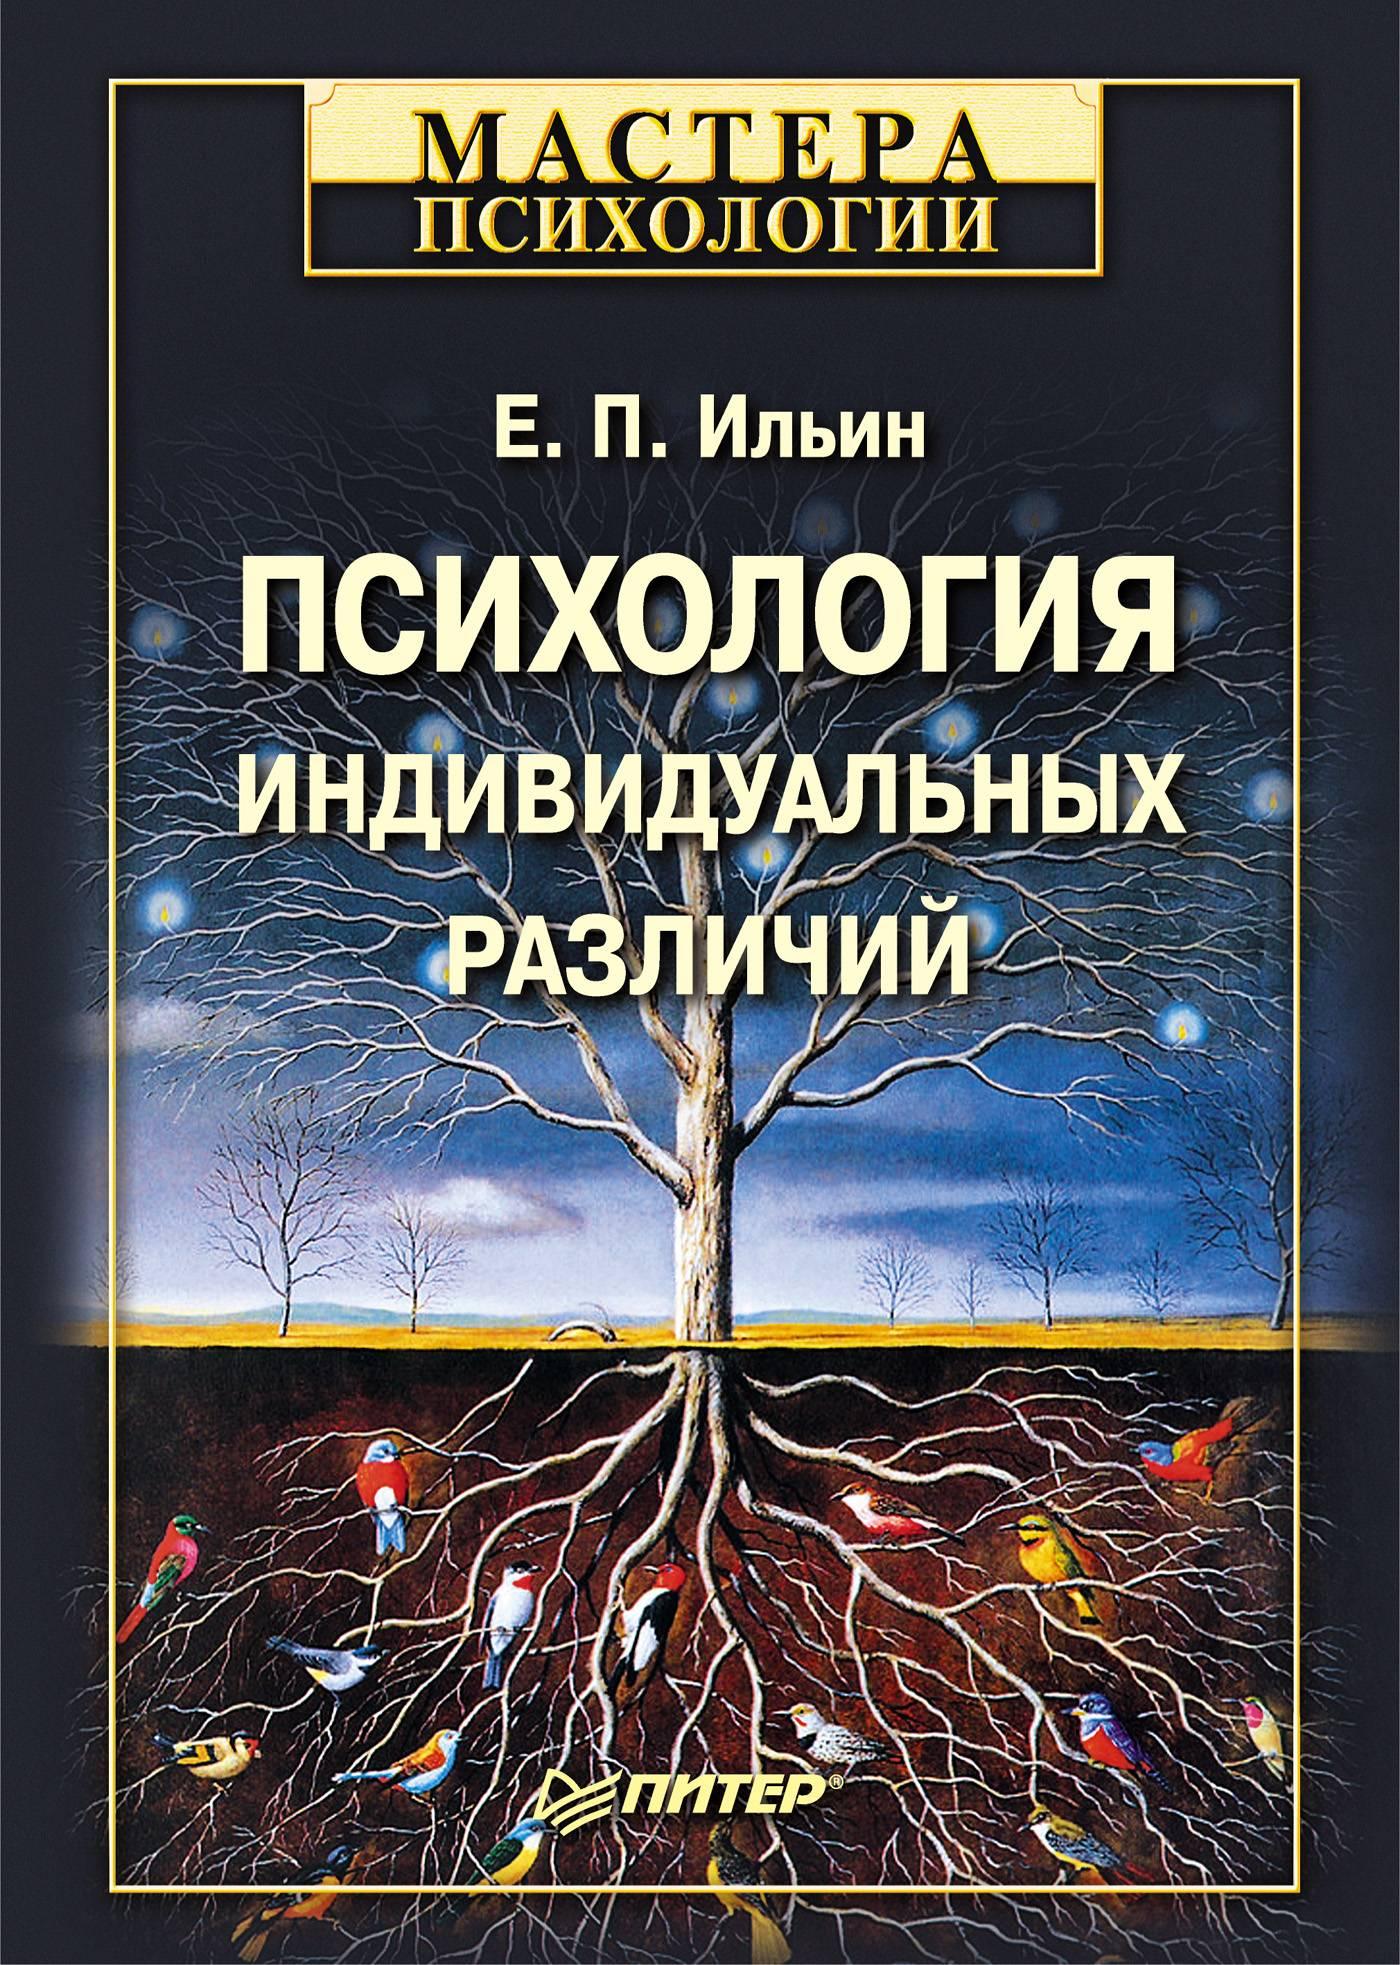 Серия книг мастера психологии - бесплатно скачать и читать книги из этой серии